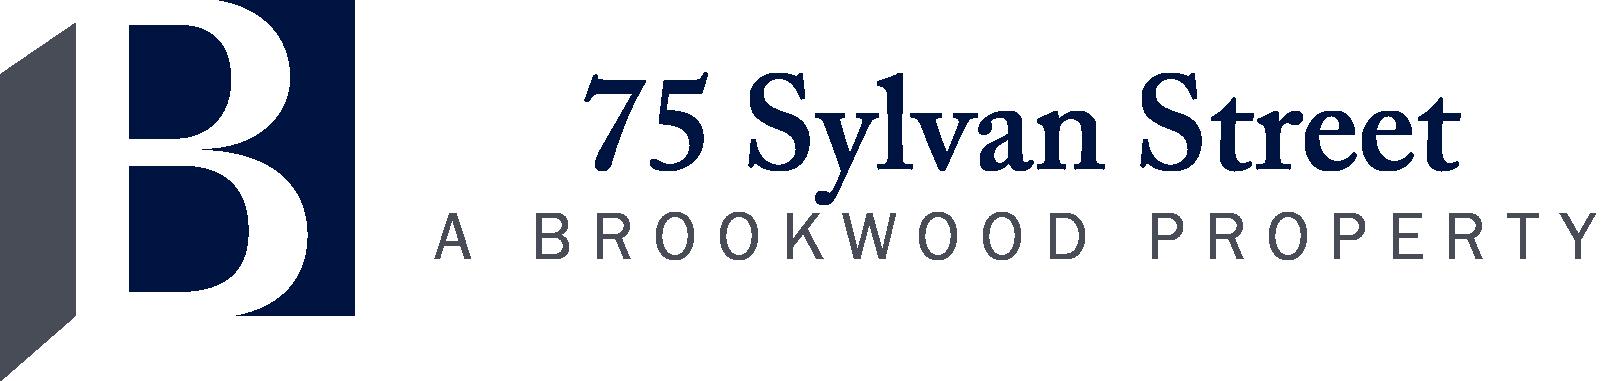 75 Sylvan